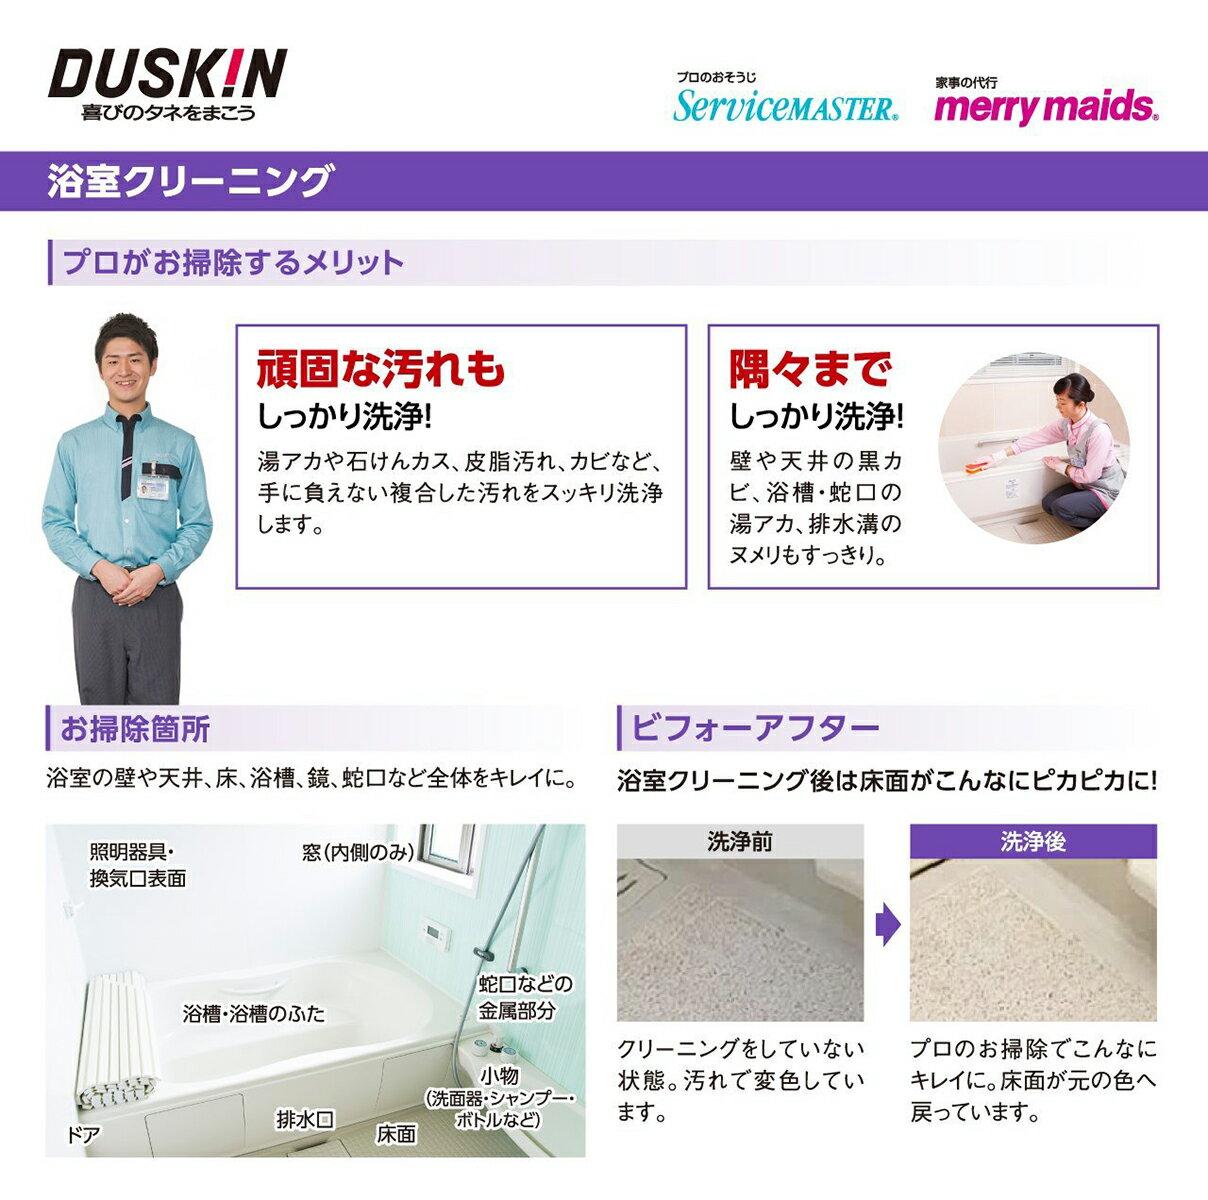 浴室 クリーニング バスルーム 掃除 ギフト ...の紹介画像3